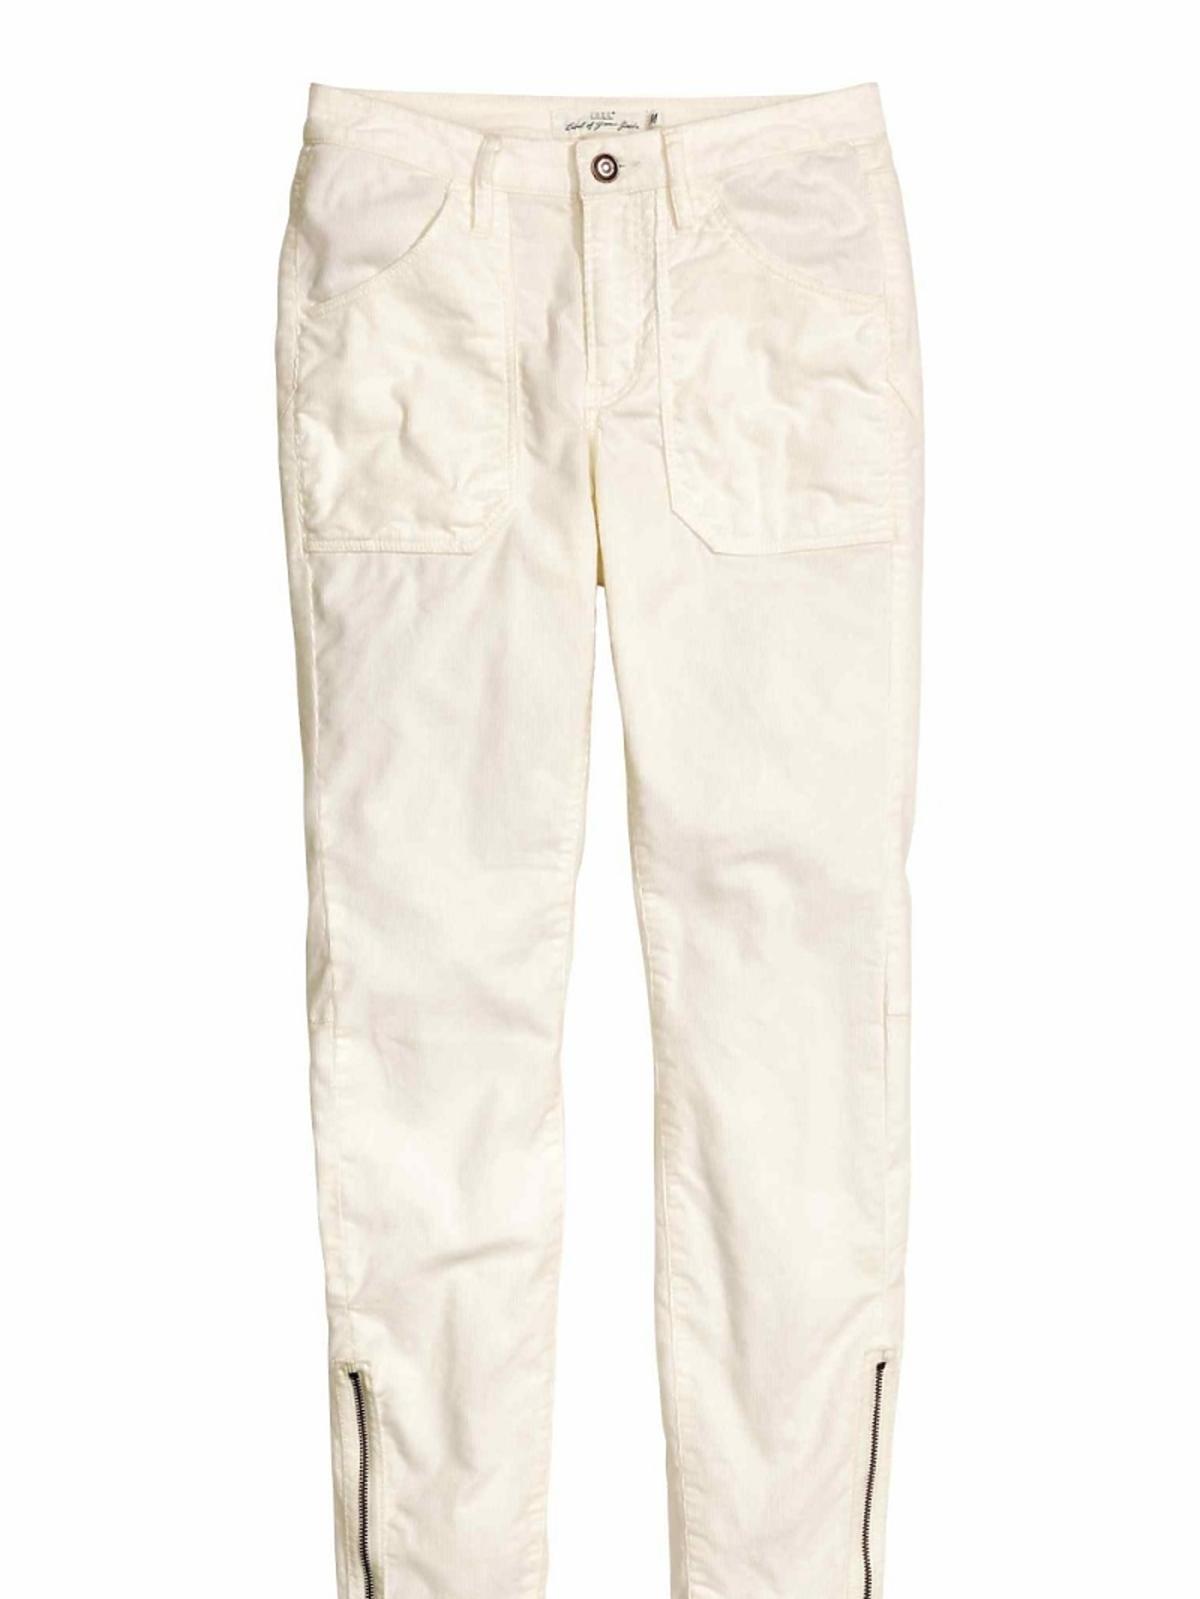 Spodnie H&M, 139,90 zł